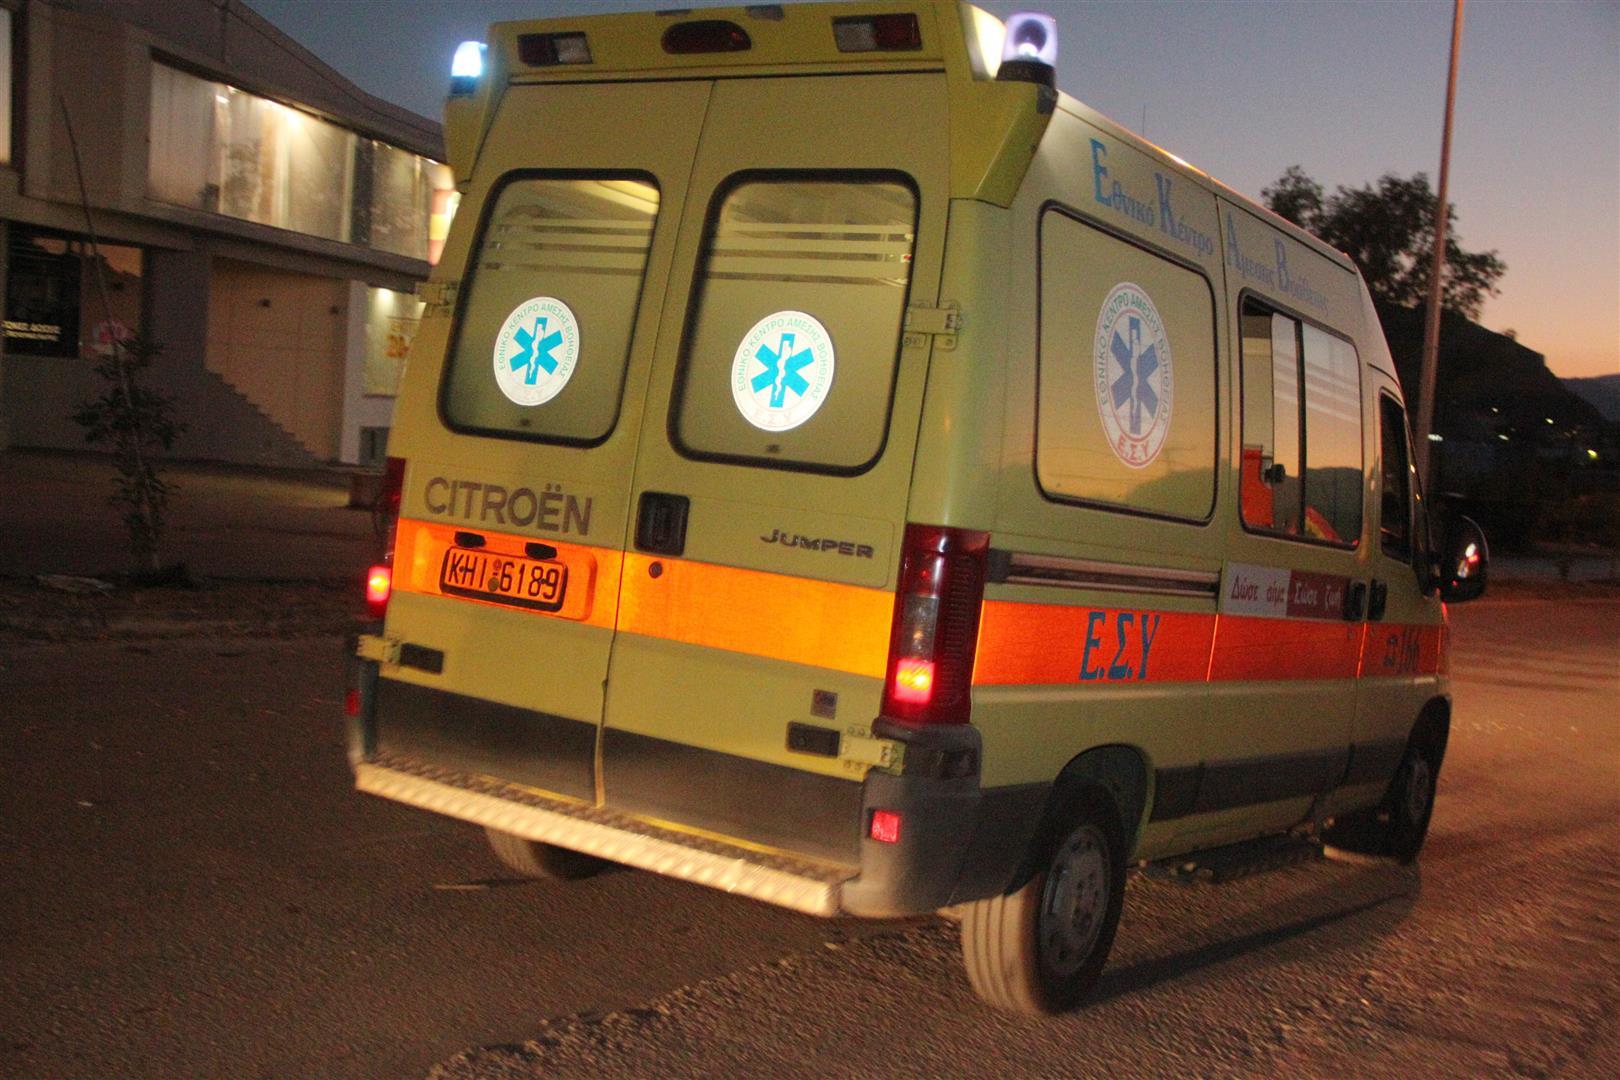 Νέο τροχαίο στην Κρήτη: Δύο σοβαρά τραυματίες